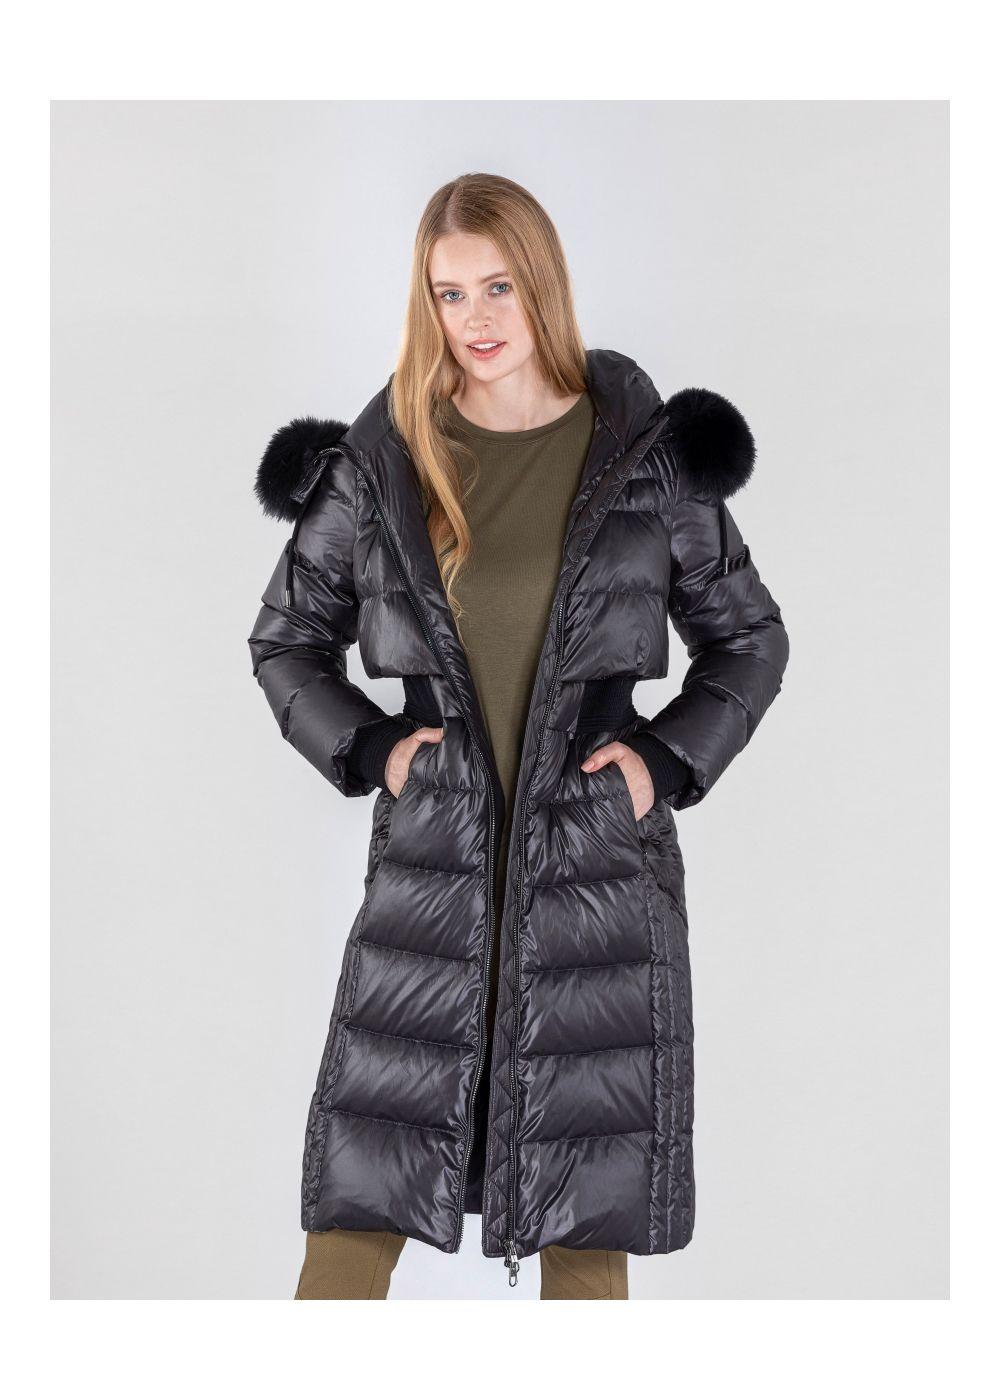 Długa pikowana kurtka damska z kapturem KURDT-0270-99(Z20)